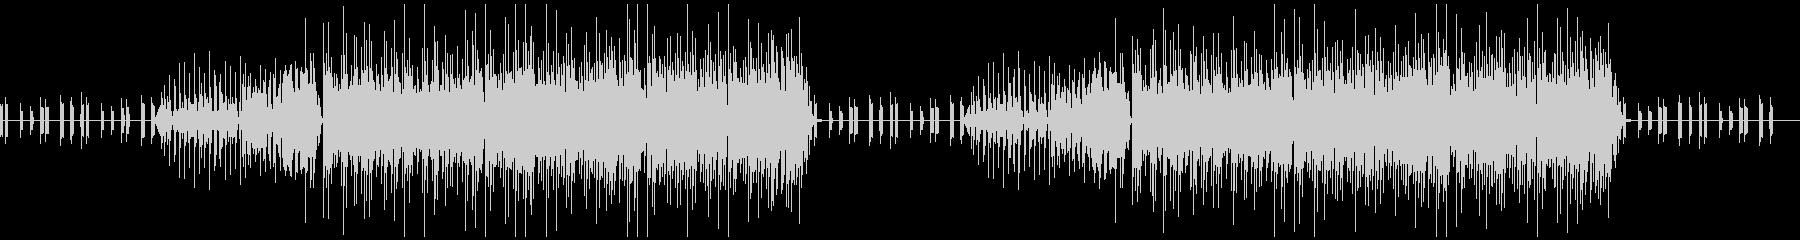 企業VP・コーポレート / EDM:2の未再生の波形